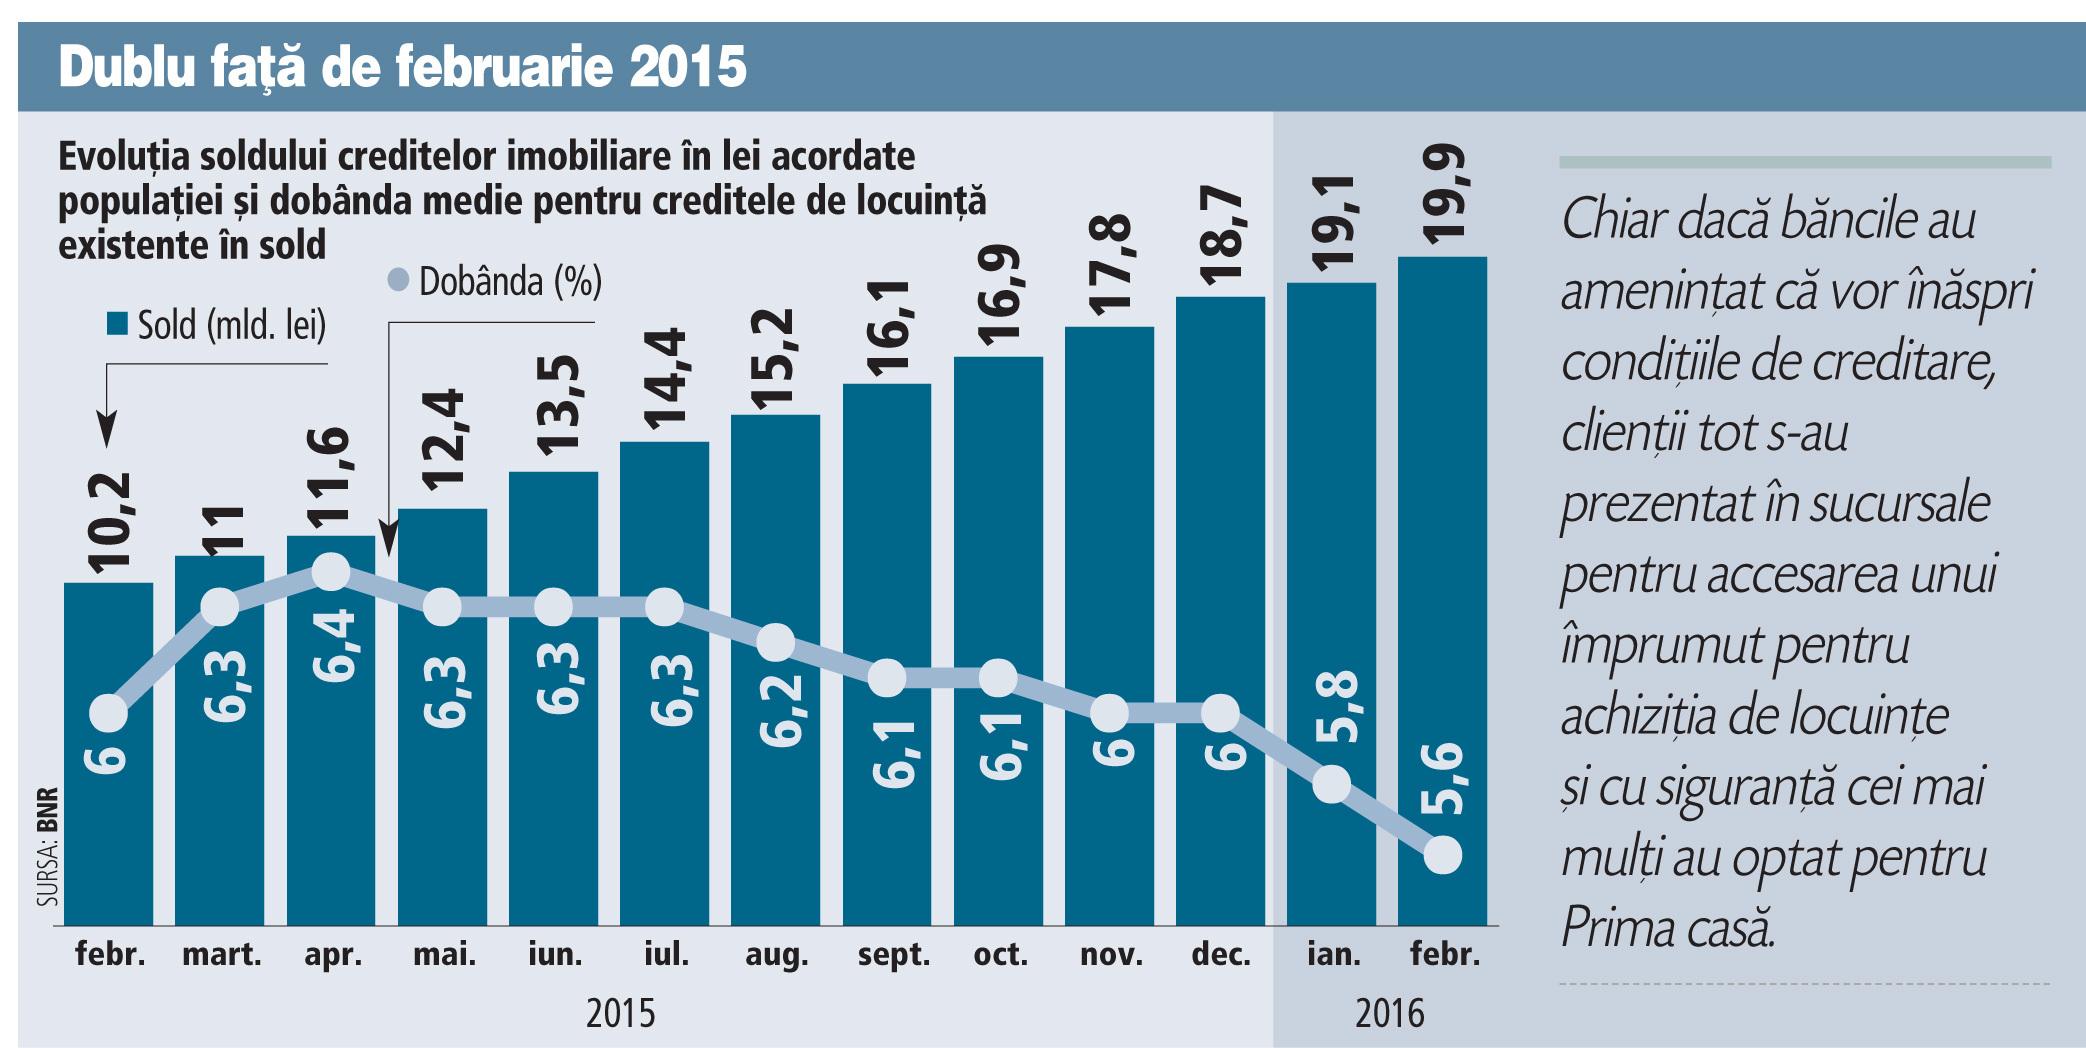 Trase de Prima casă şi în pofida incertitudinii dării în plată, creditele imobiliare în lei s-au dublat într-un an la 20 mld. lei. Doar în februarie au crescut cu 750 mil. lei